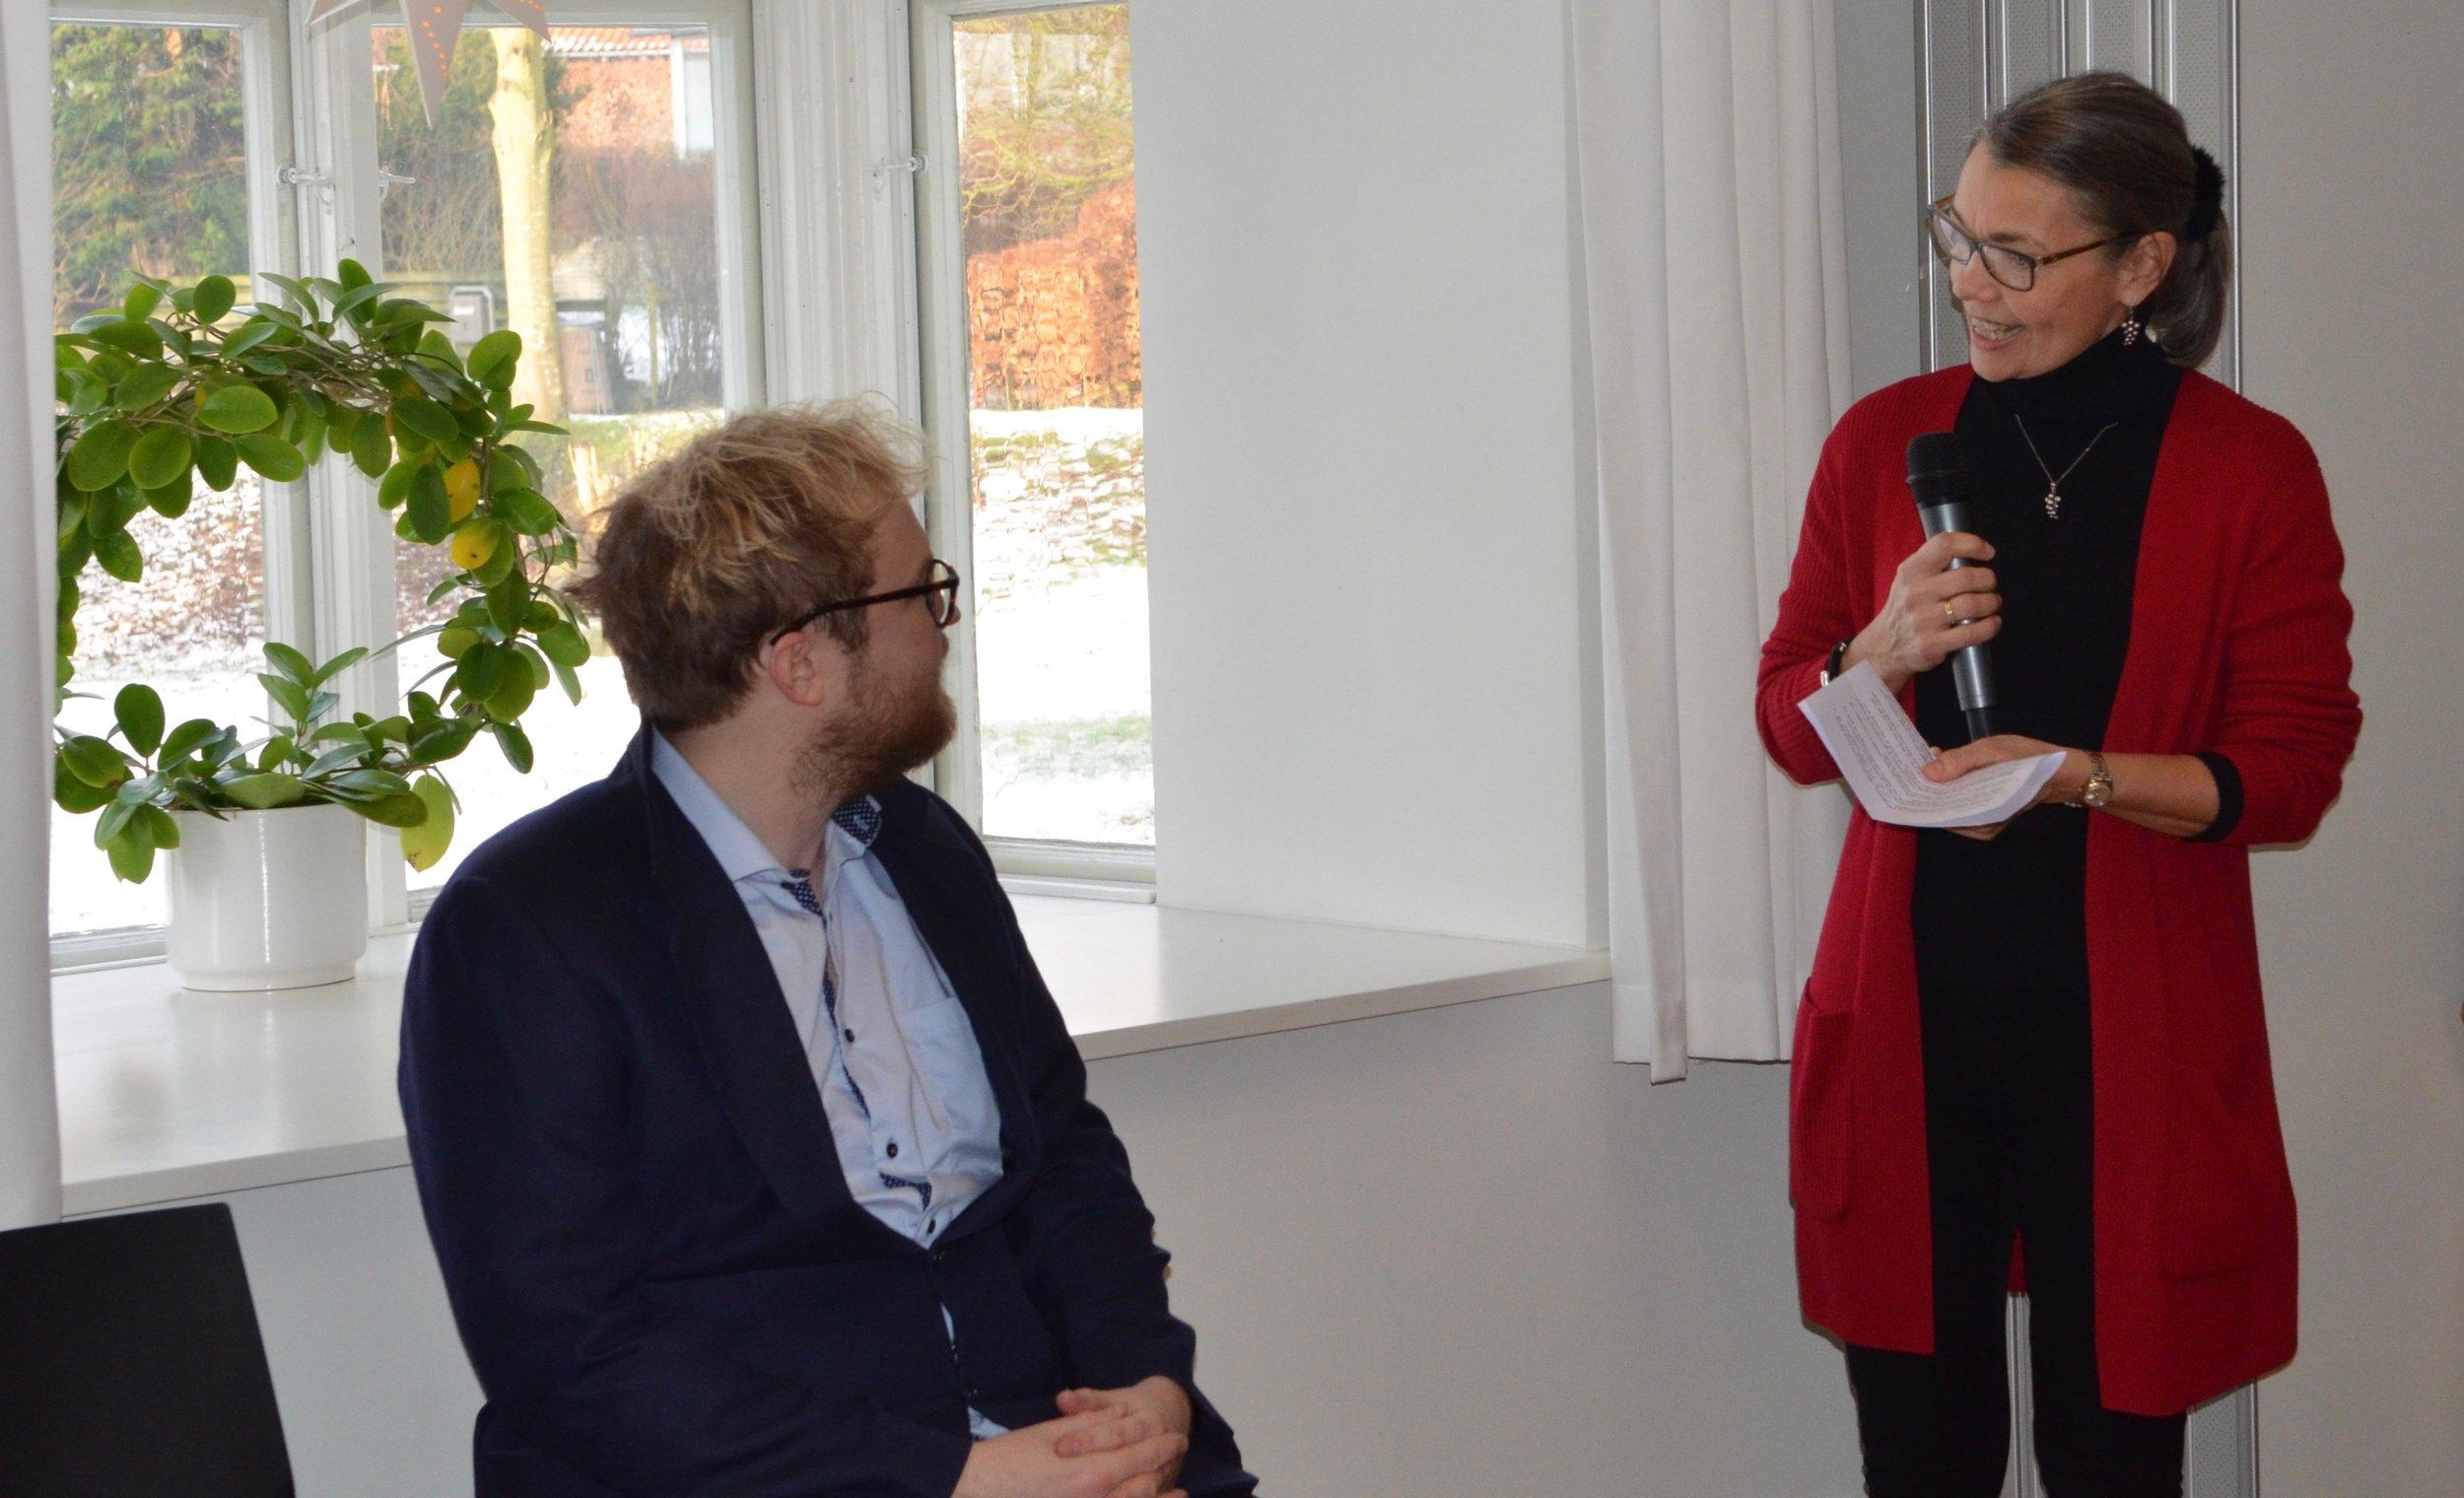 """Fillippa Gottlieb: """"Menighedsrådet vil gøre alt hvad vi kan for at inkludere dig i sognet, hjælpe dig godt igang med stillingen, og dermed bidrage til, at din første stilling bliver til gavn og glæde for både dig og os."""" Foto: AOB"""